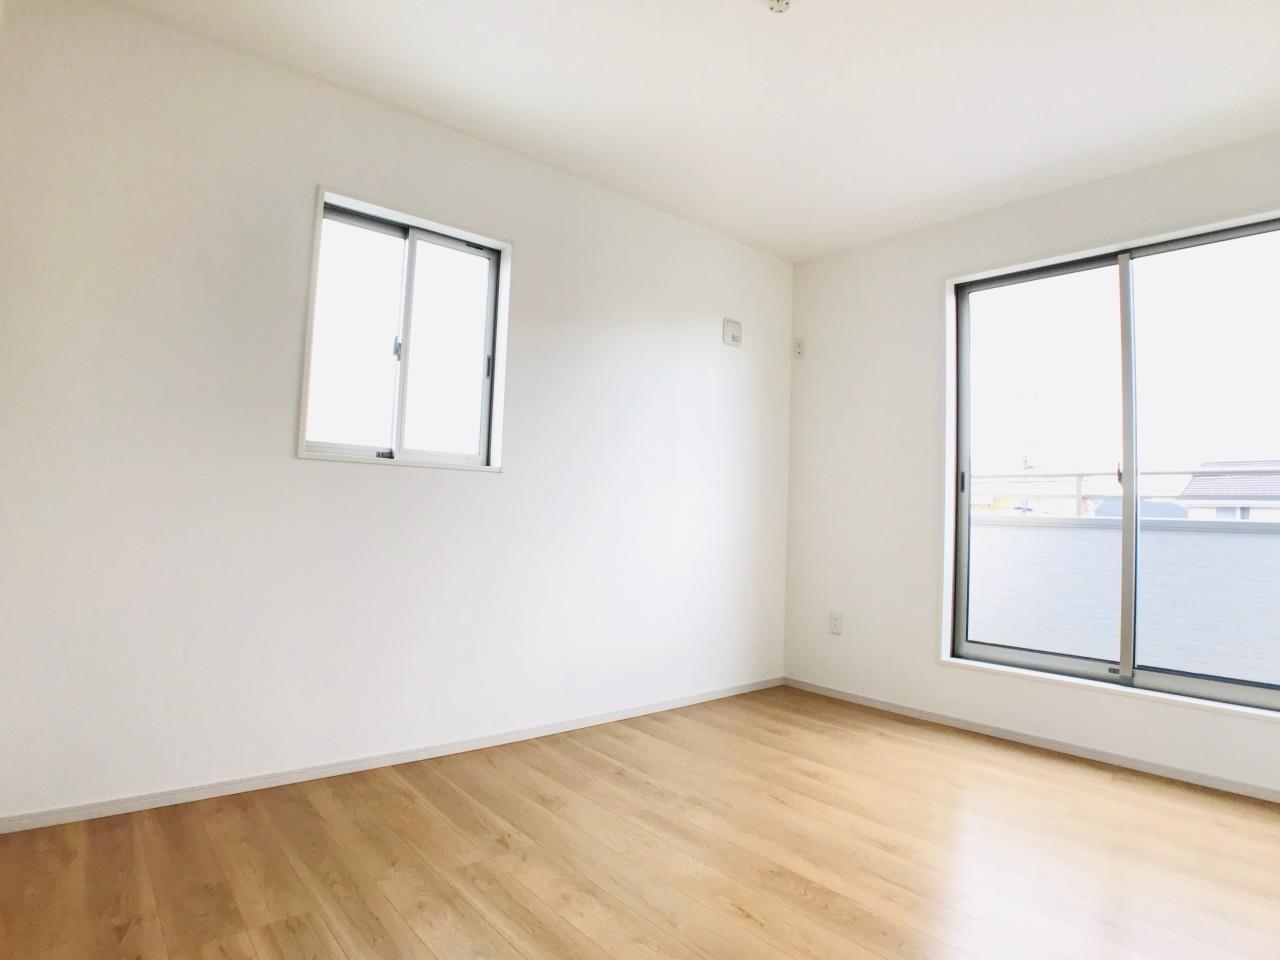 3号棟|6.5帖の洋室。窓が複数あり、風通しの良い清潔感のあるお部屋です。白い壁で間接的に部屋を明るくする工夫をしています。